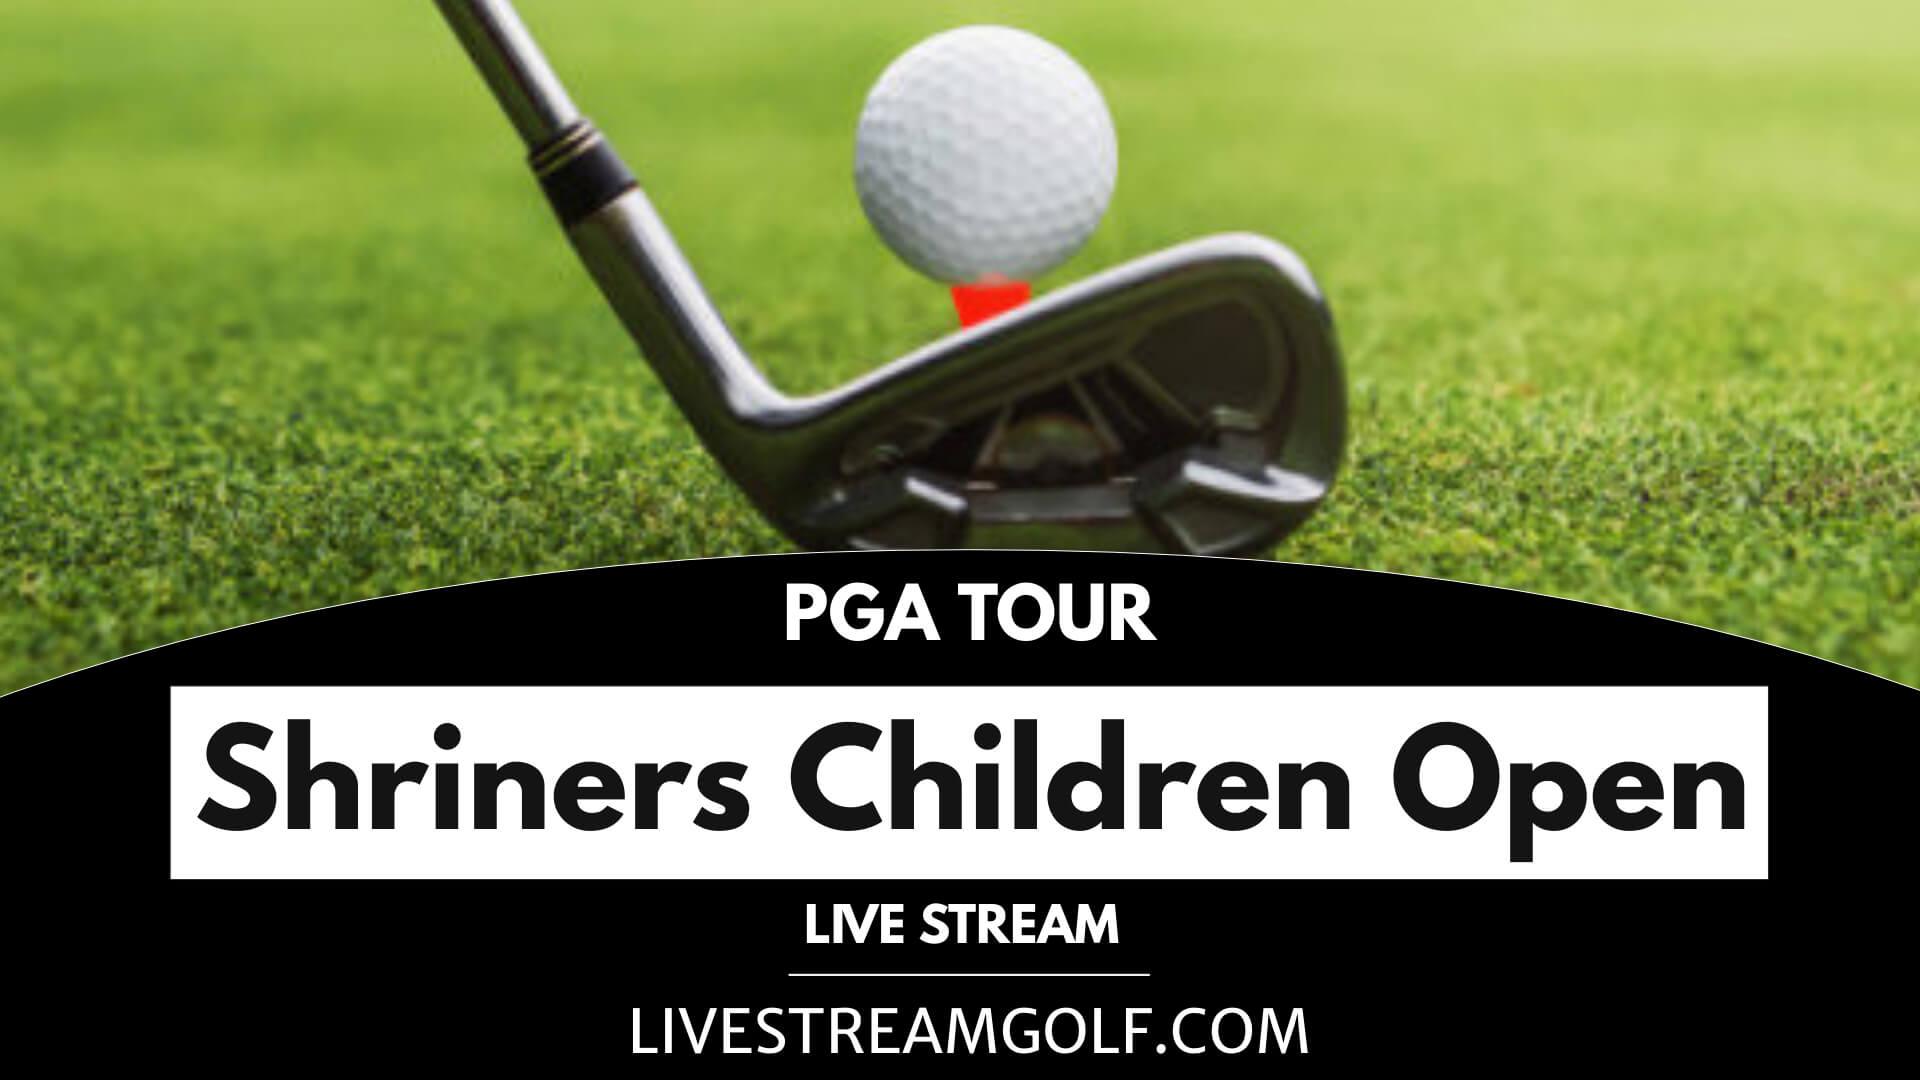 Shriners Children Open Live Stream